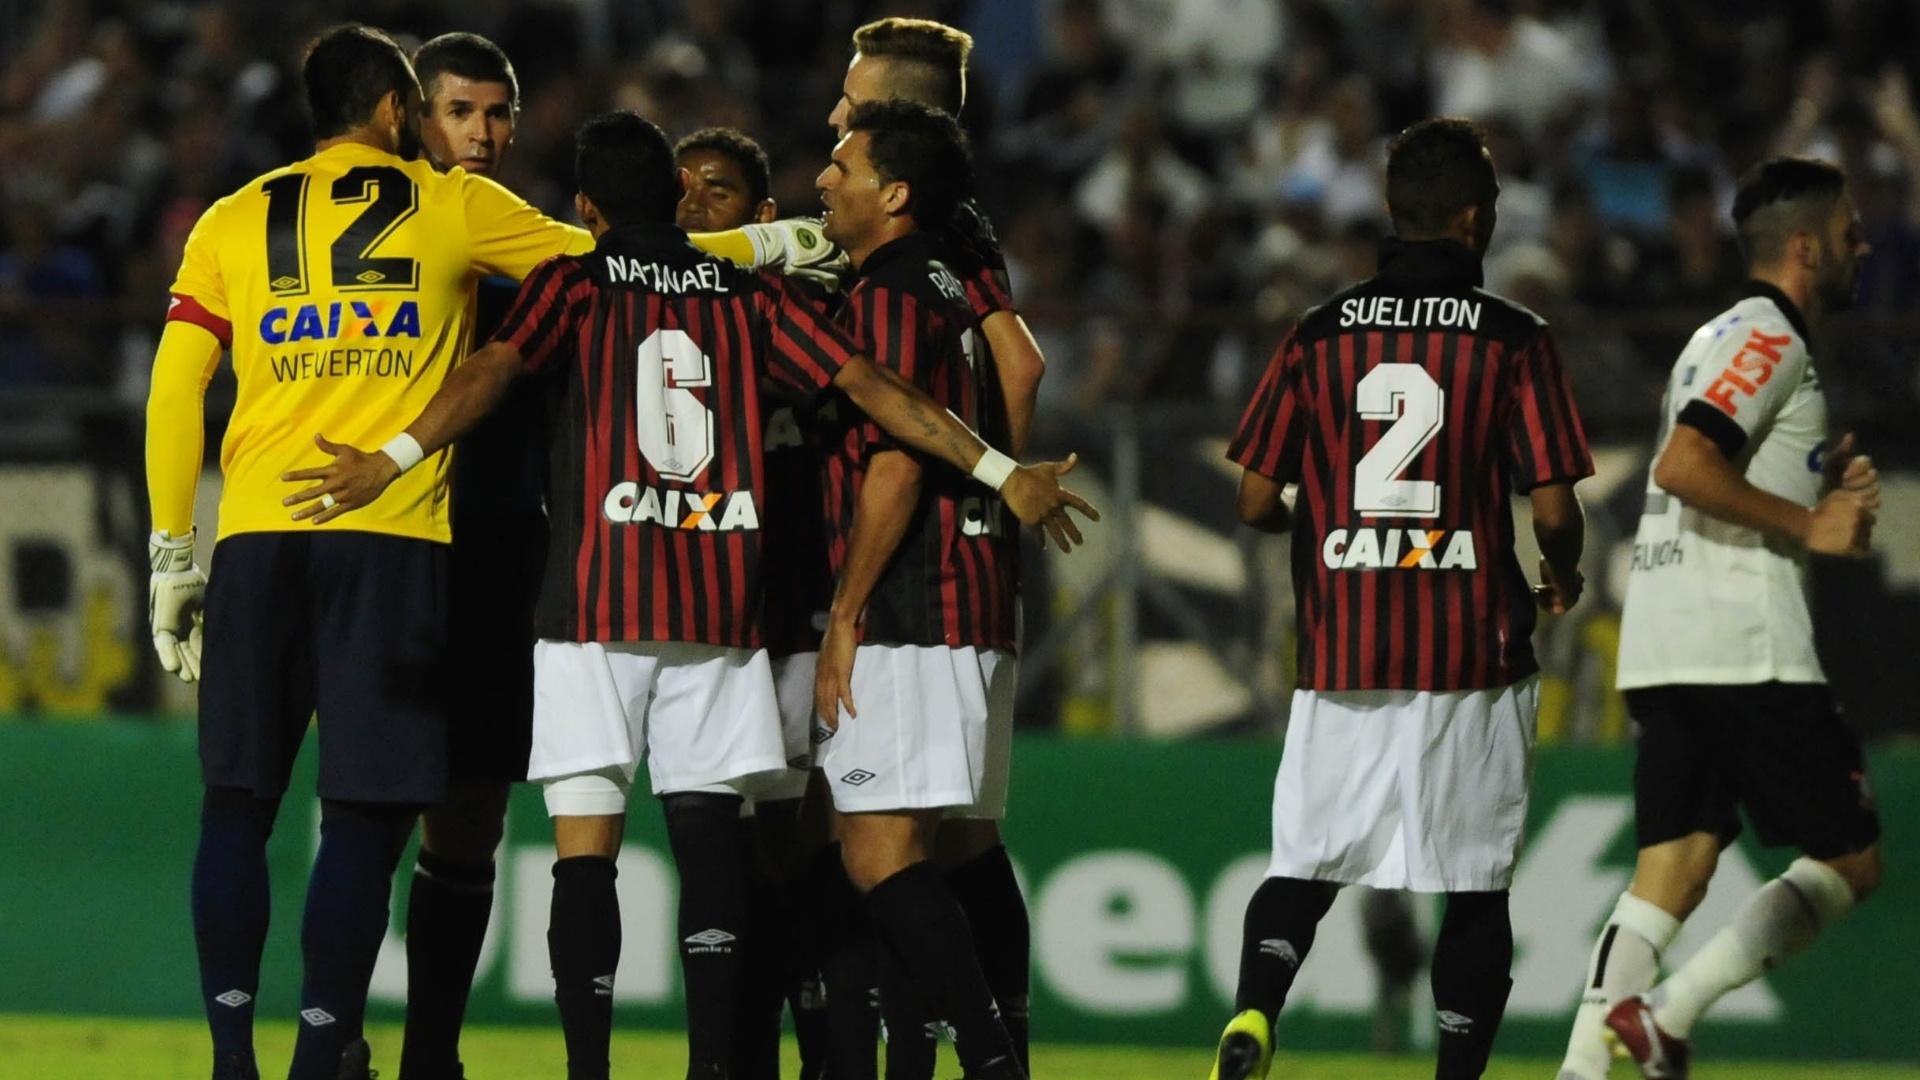 21.mai.2014 - Jogadores do Atlético-PR questionam árbitro após pênalti marcado para o Corinthians